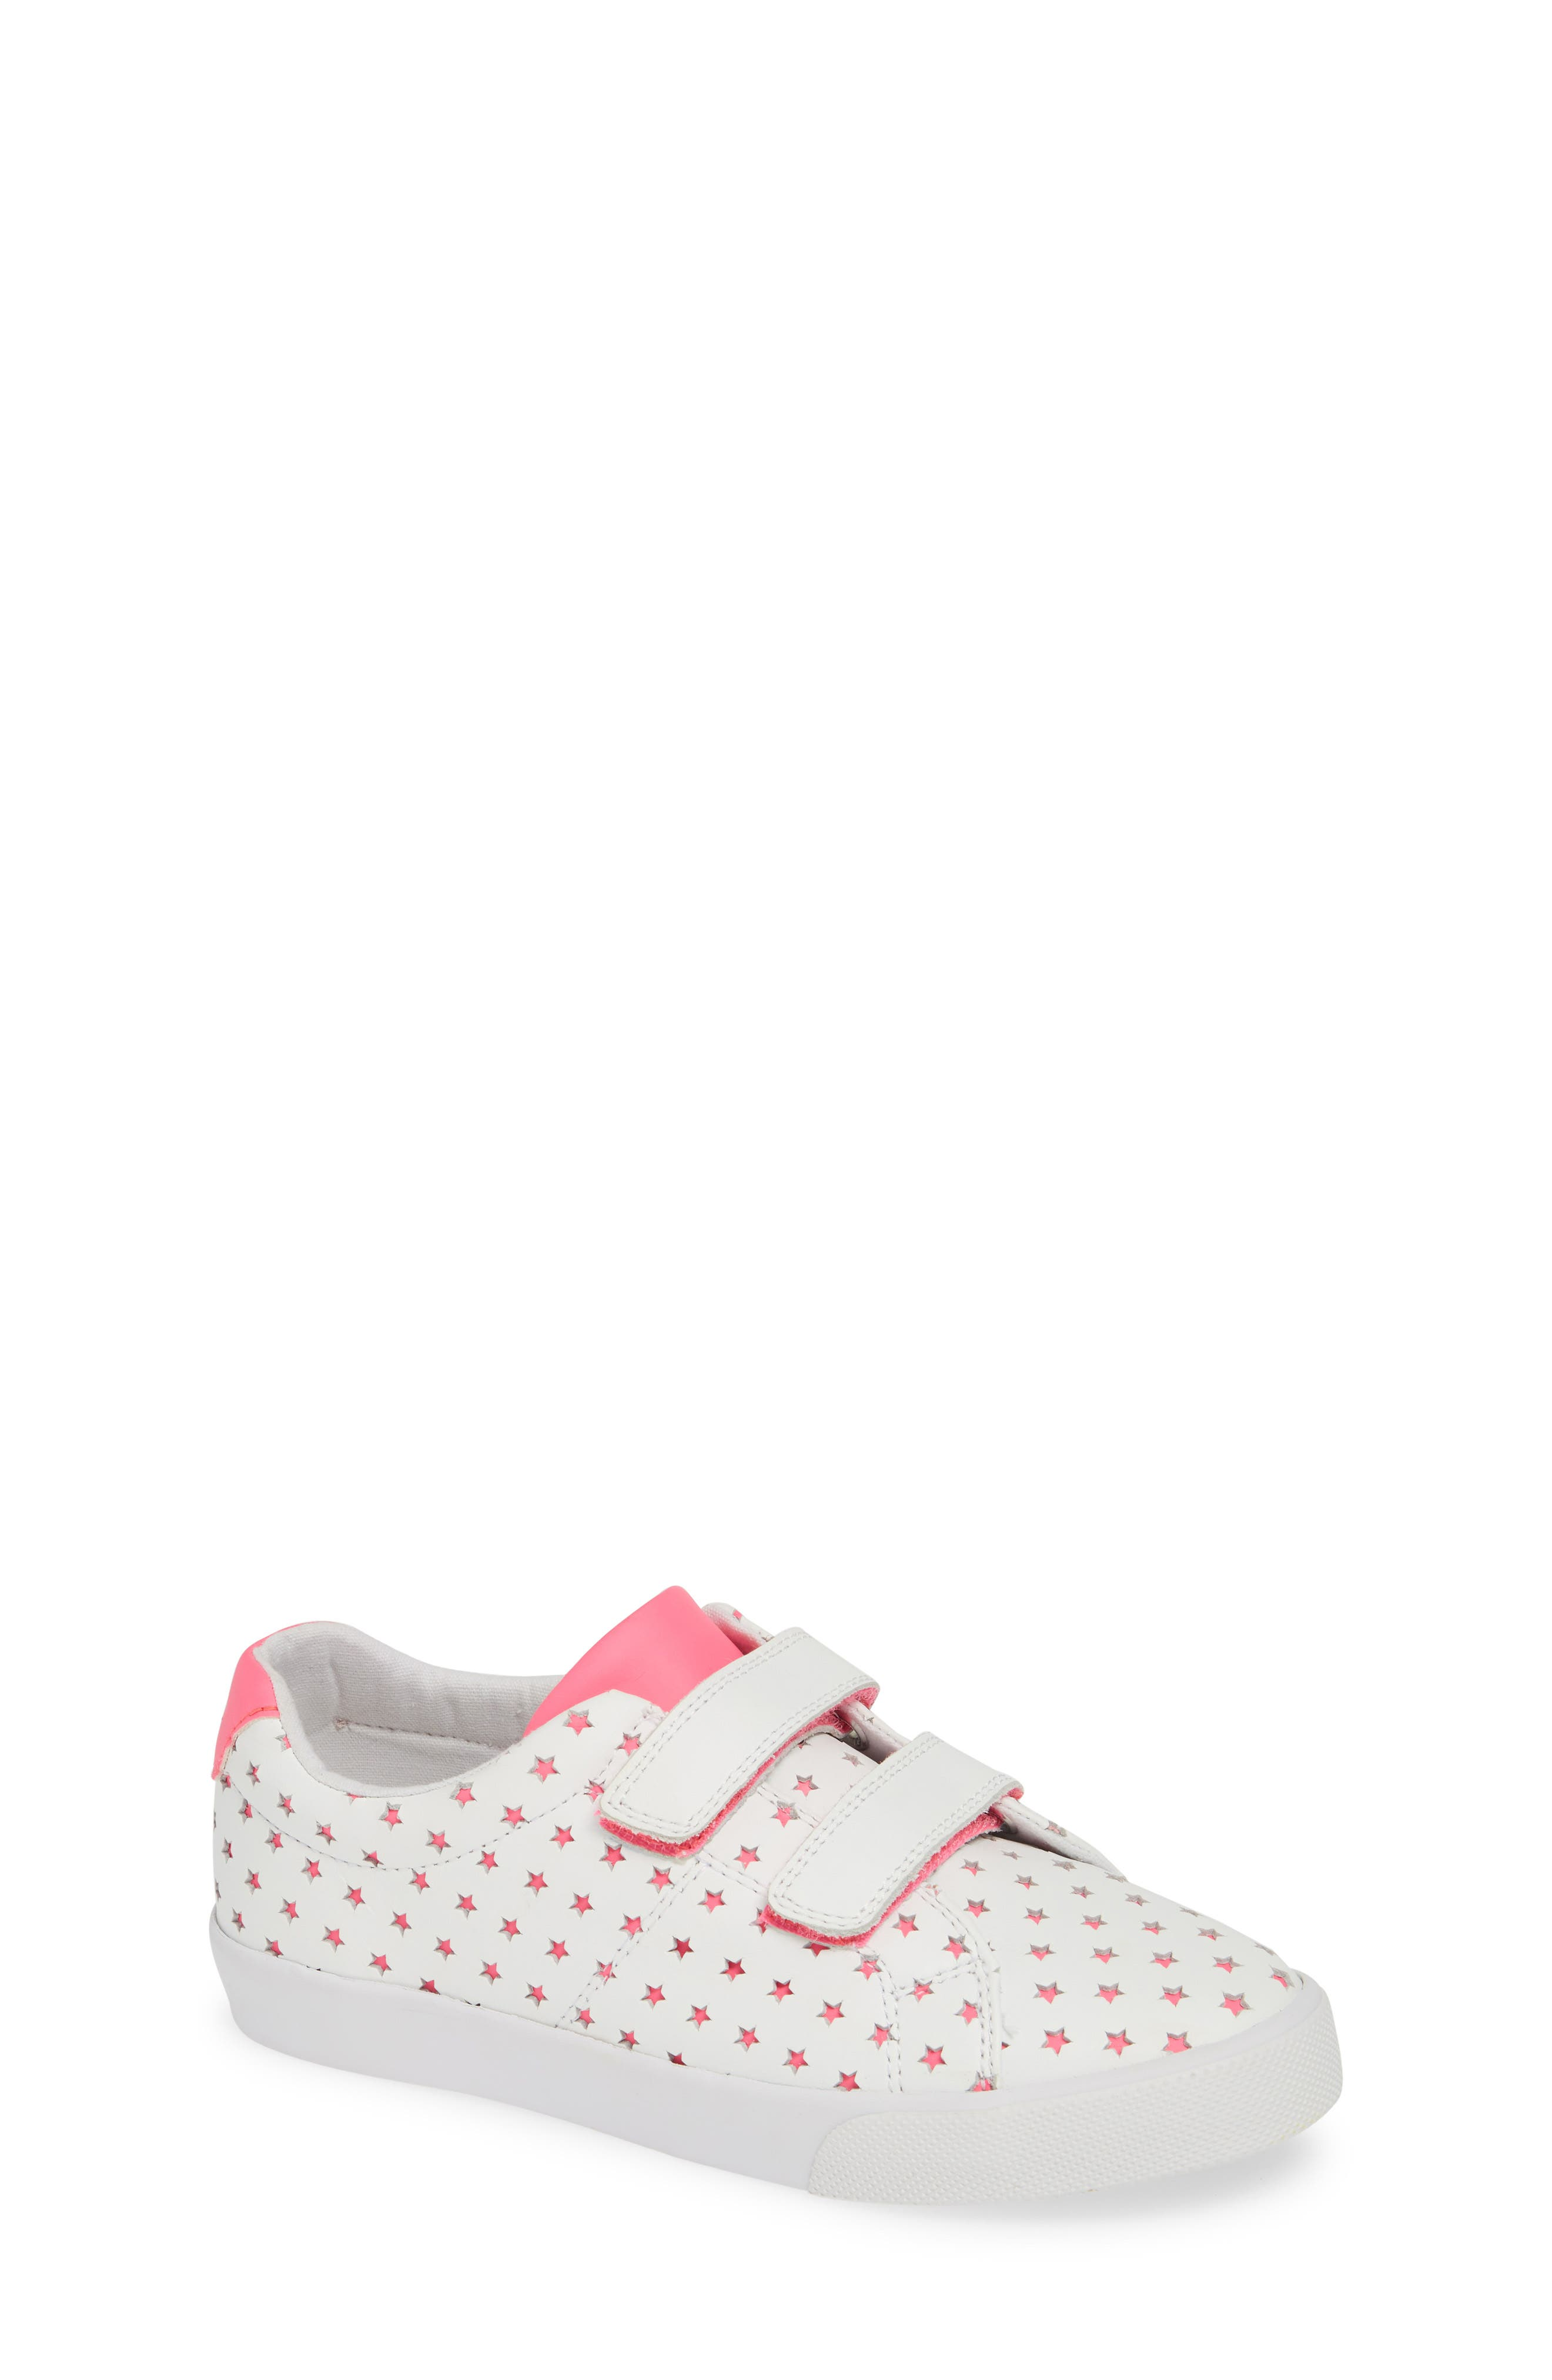 Fun Low Top Sneaker, Main, color, 100